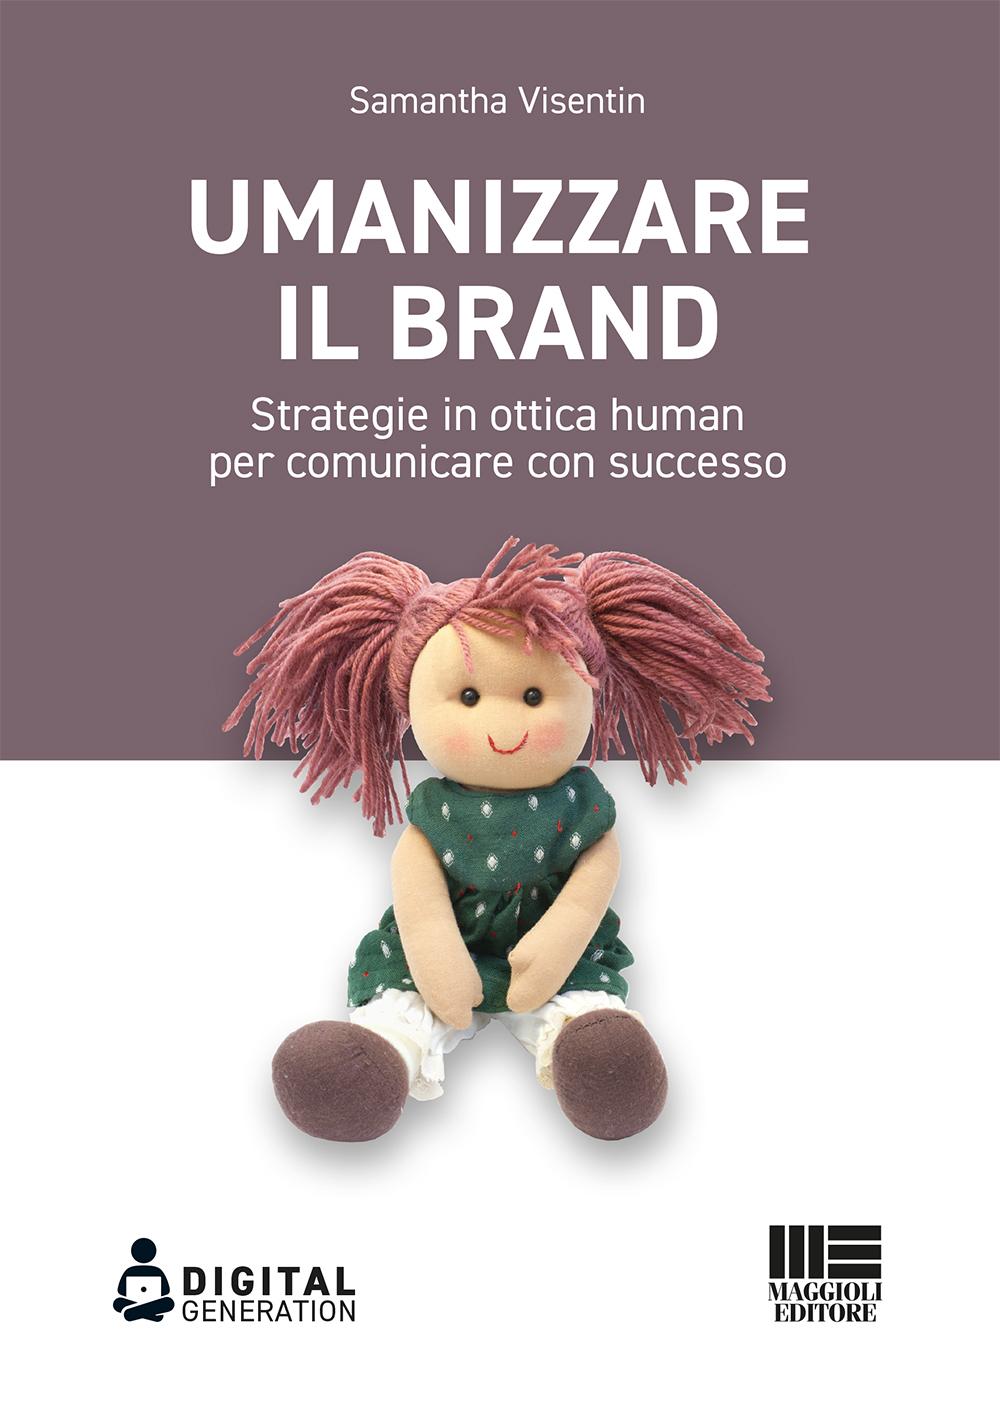 Umanizzare il brand